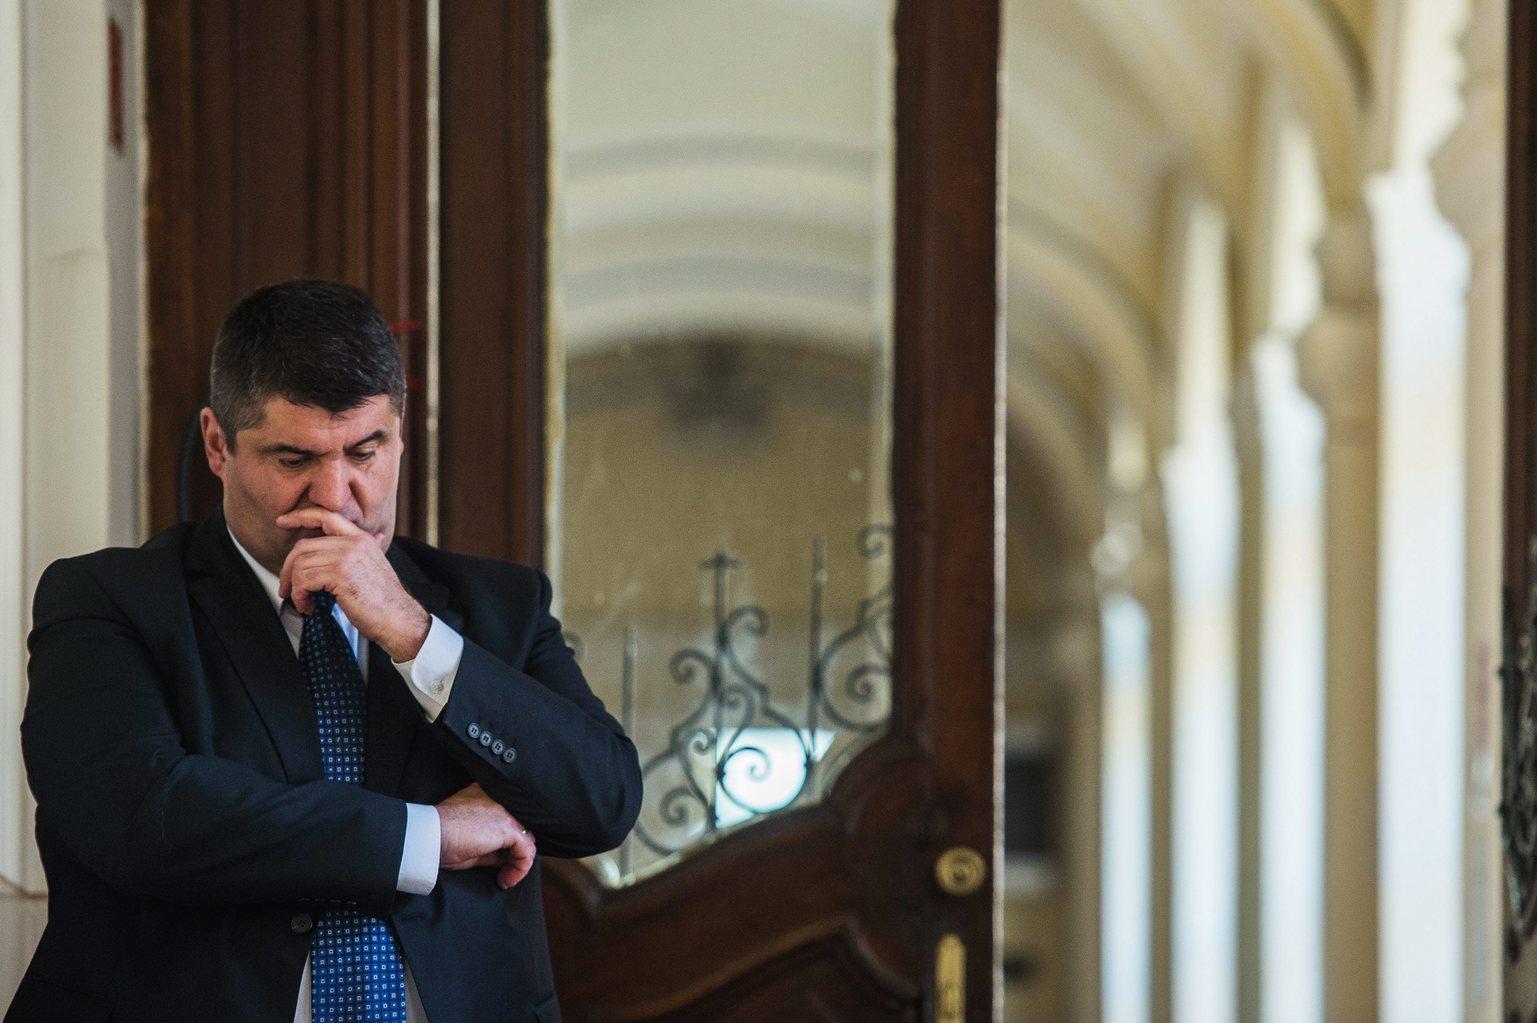 Kecskemét, 2015. november 12. Hagyó Miklós, Budapest egykori szocialista főpolgármester-helyettese az ellene és 14 társa ellen hűtlen kezelés bűntette és más bűncselekmények miatt folytatott büntetőper tárgyalásának szünetében a Kecskeméti Törvényszék folyosóján 2015. november 12-én. Az ügyész perbeszédében nyolc vádlottra kért fegyházbüntetést. MTI Fotó: Ujvári Sándor